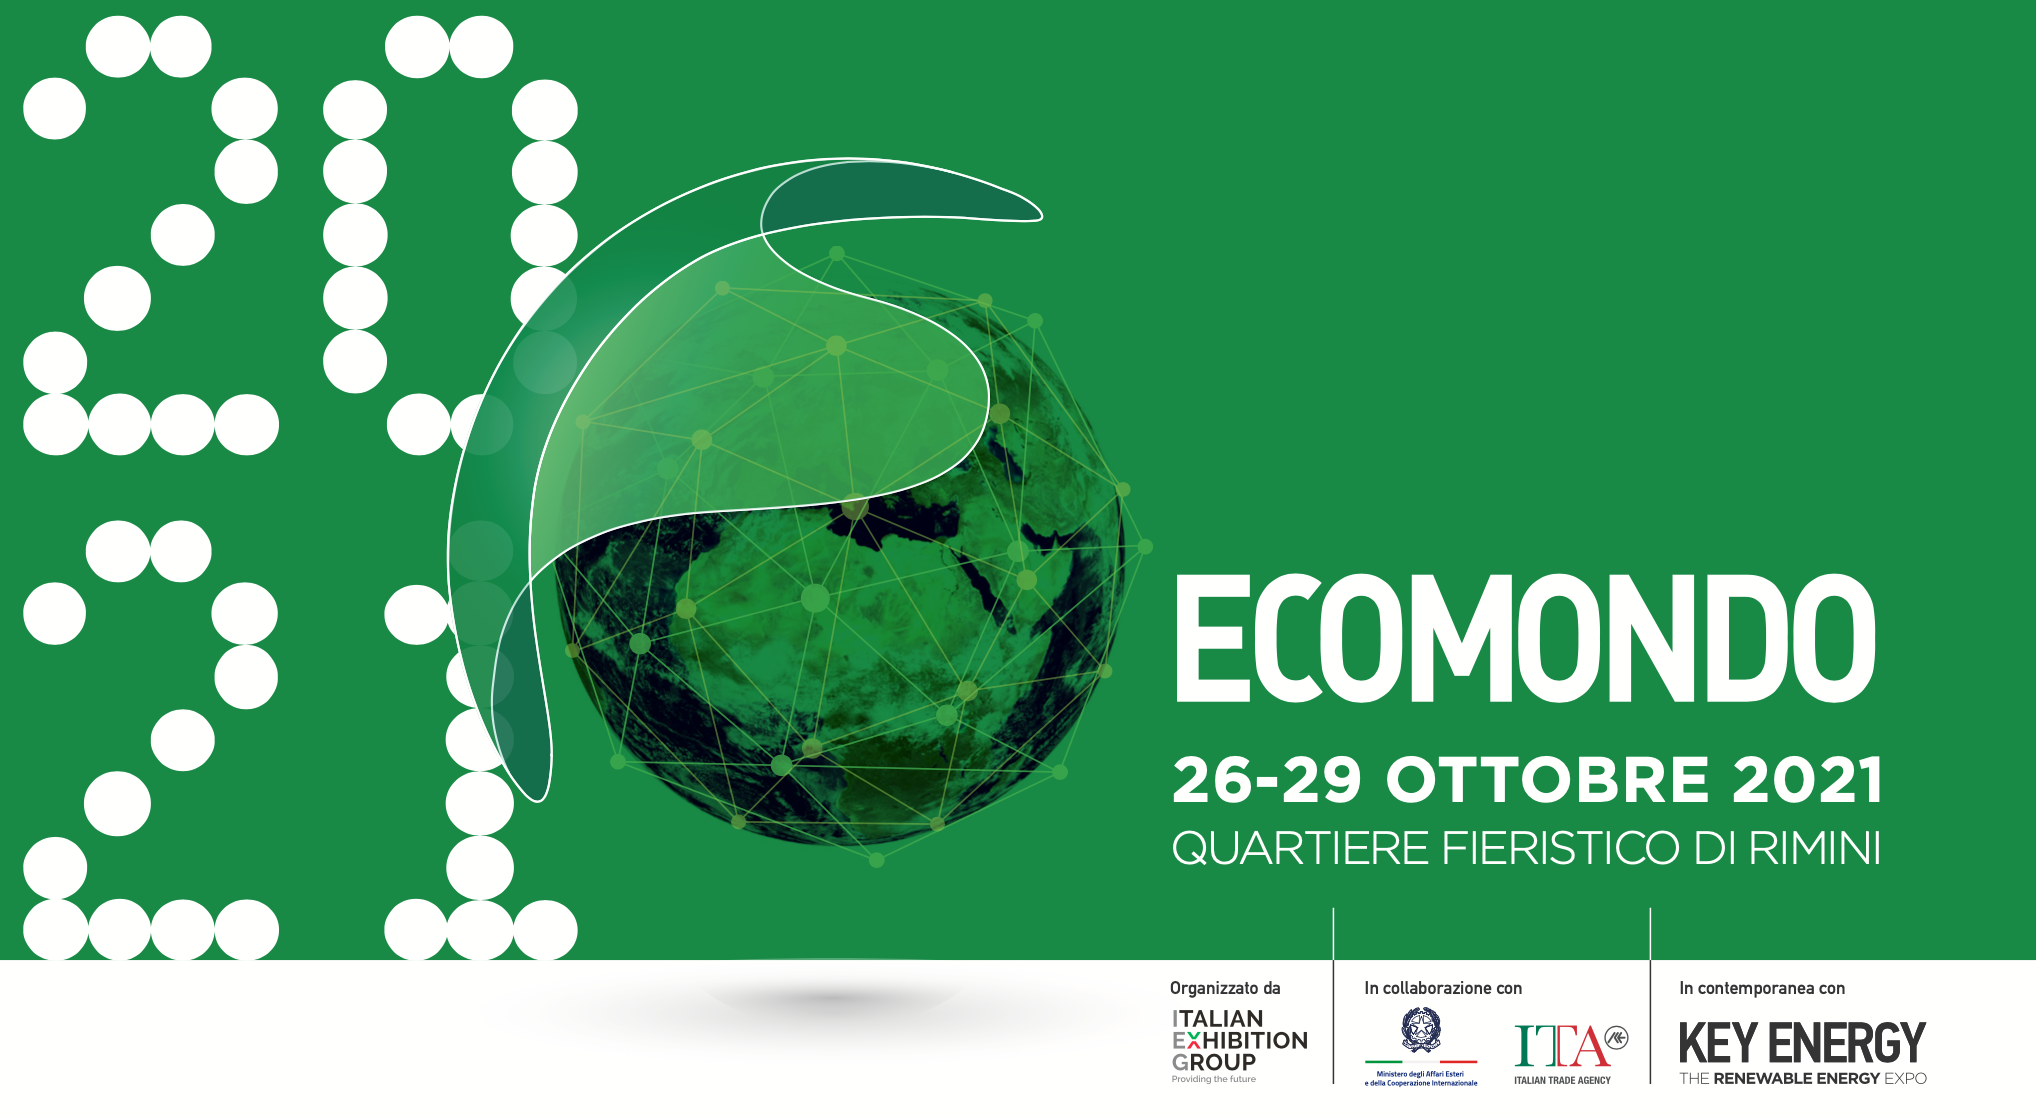 L'edizione 2021 di Ecomondo si terrà come di consueto a Rimini dal 26 al 29 ottobre.